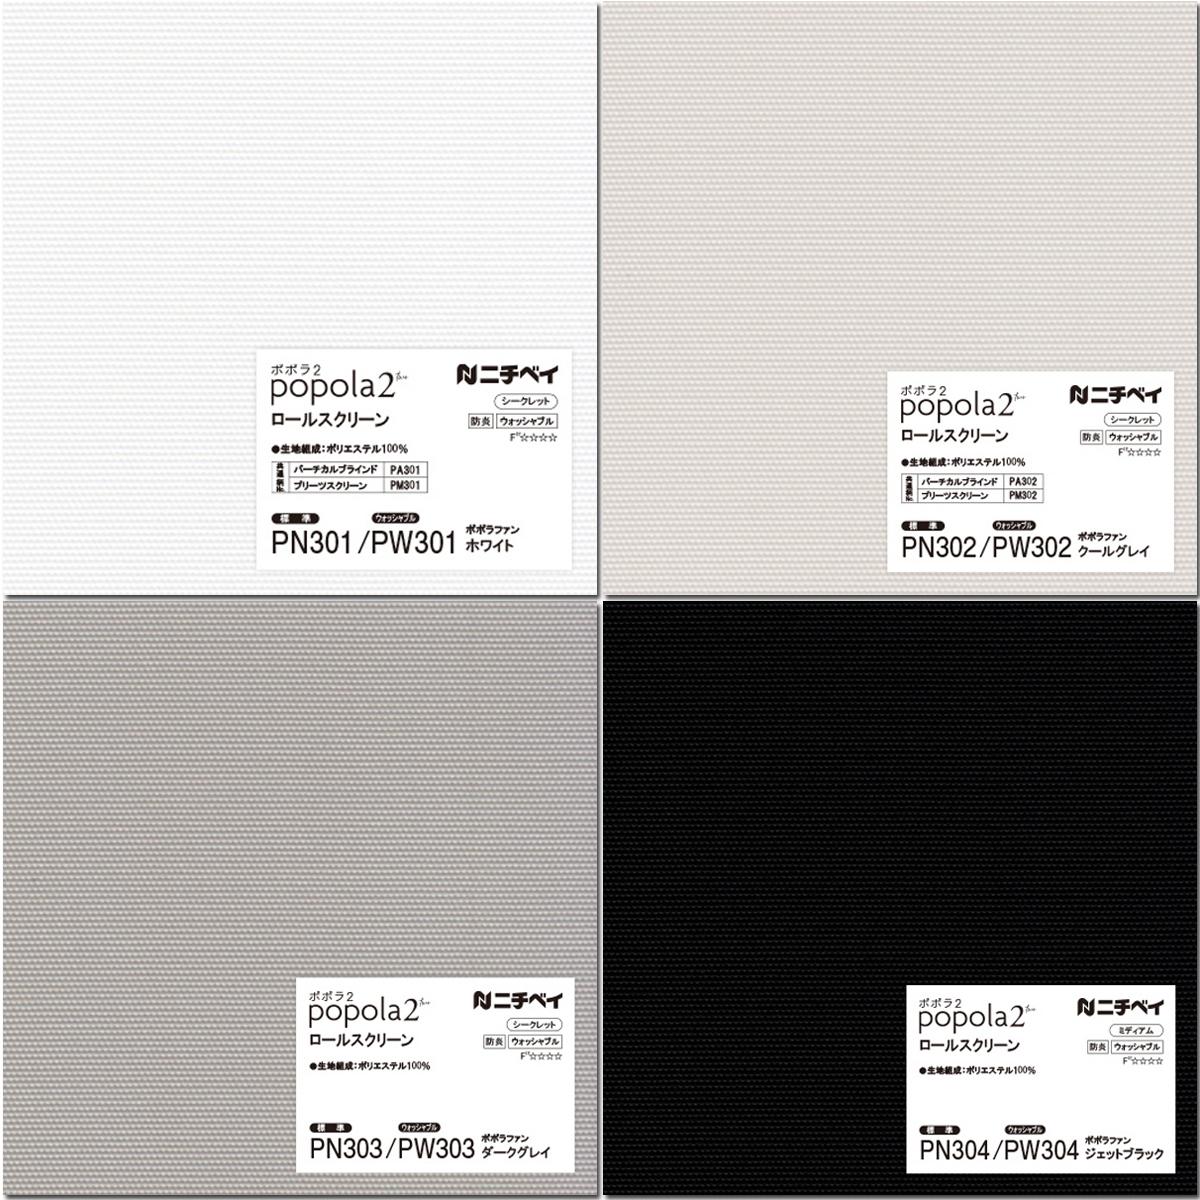 【ニチベイ】ロールスクリーン ポポラ2 ポポラファン 30色 ダブルタイプもあり ロールカーテン オーダーサイズ_画像3